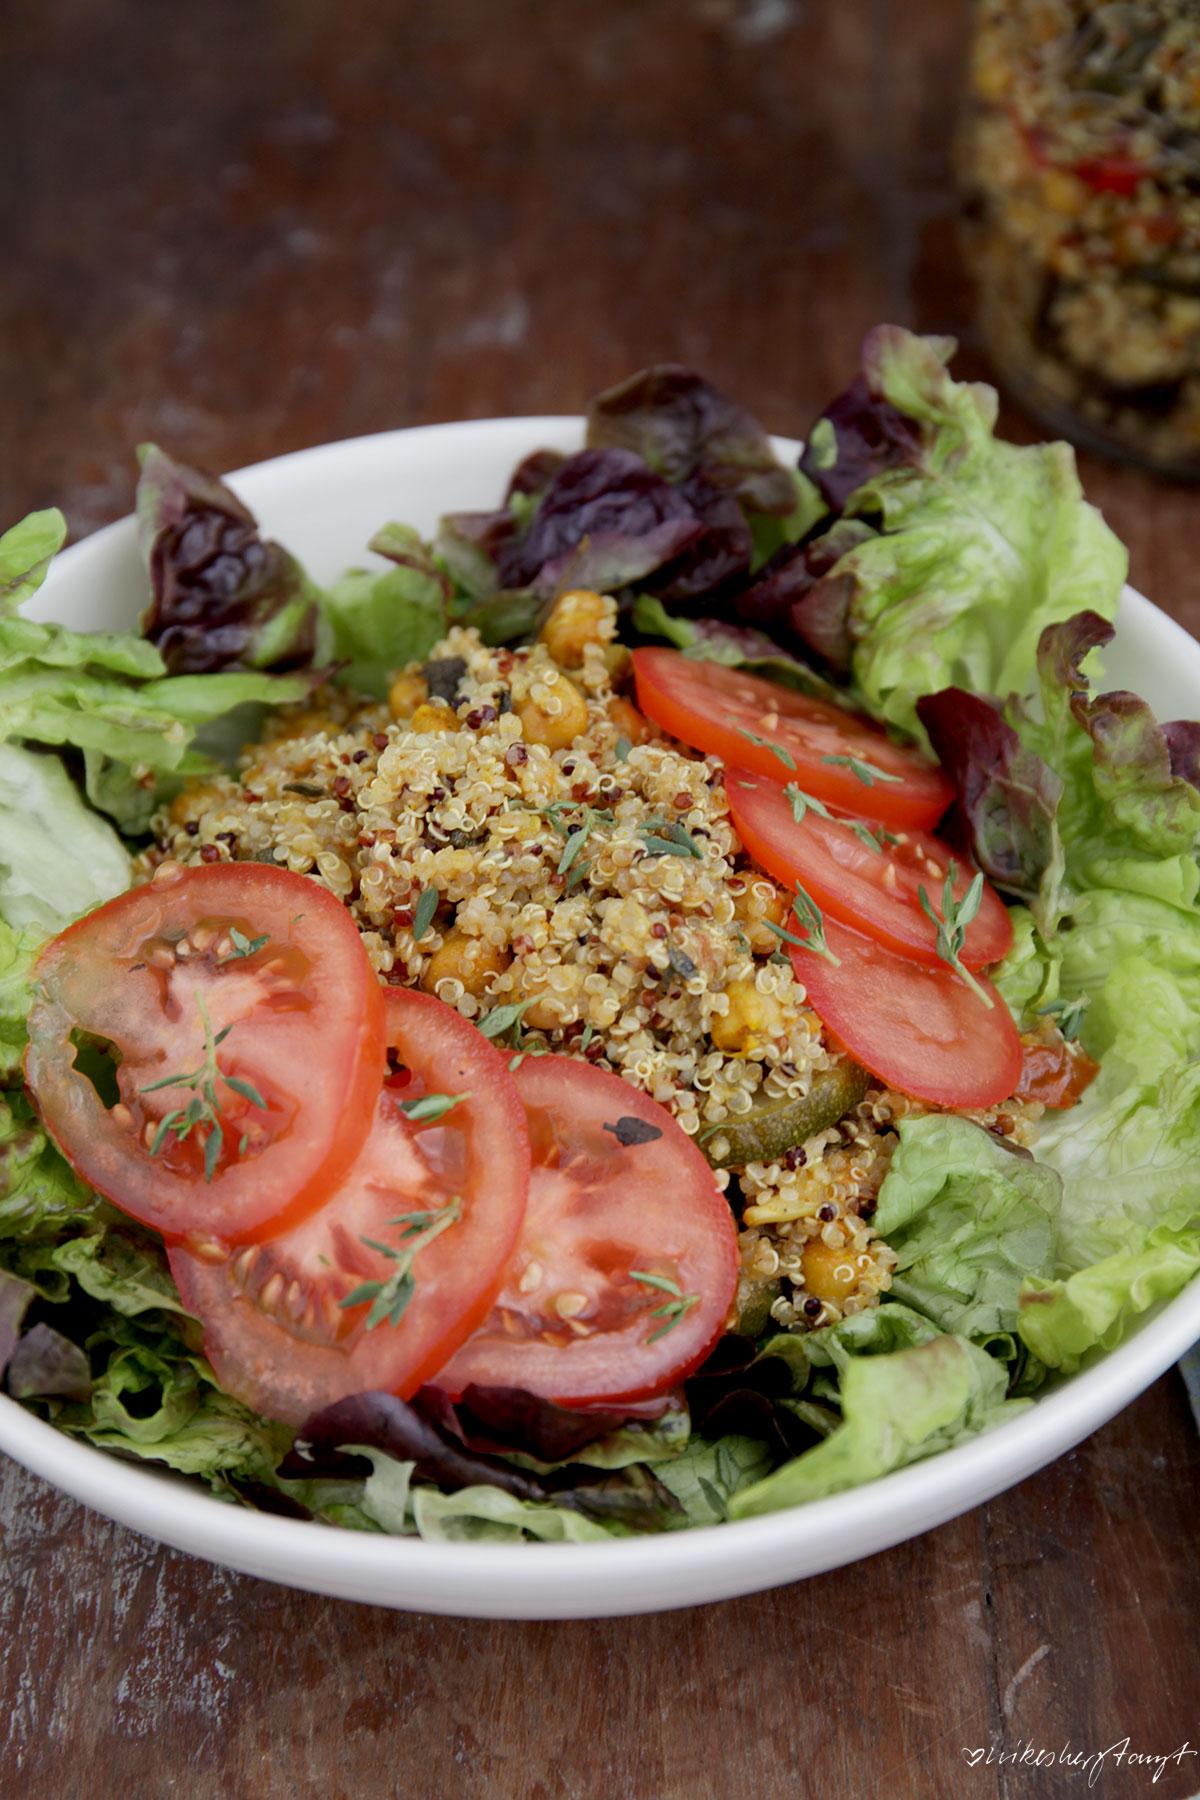 quinoa, salat, mittagspause, salat im glas, vegan, vegetarisch, veggie, healthy food, gesund, food blog, nikesherztanzt